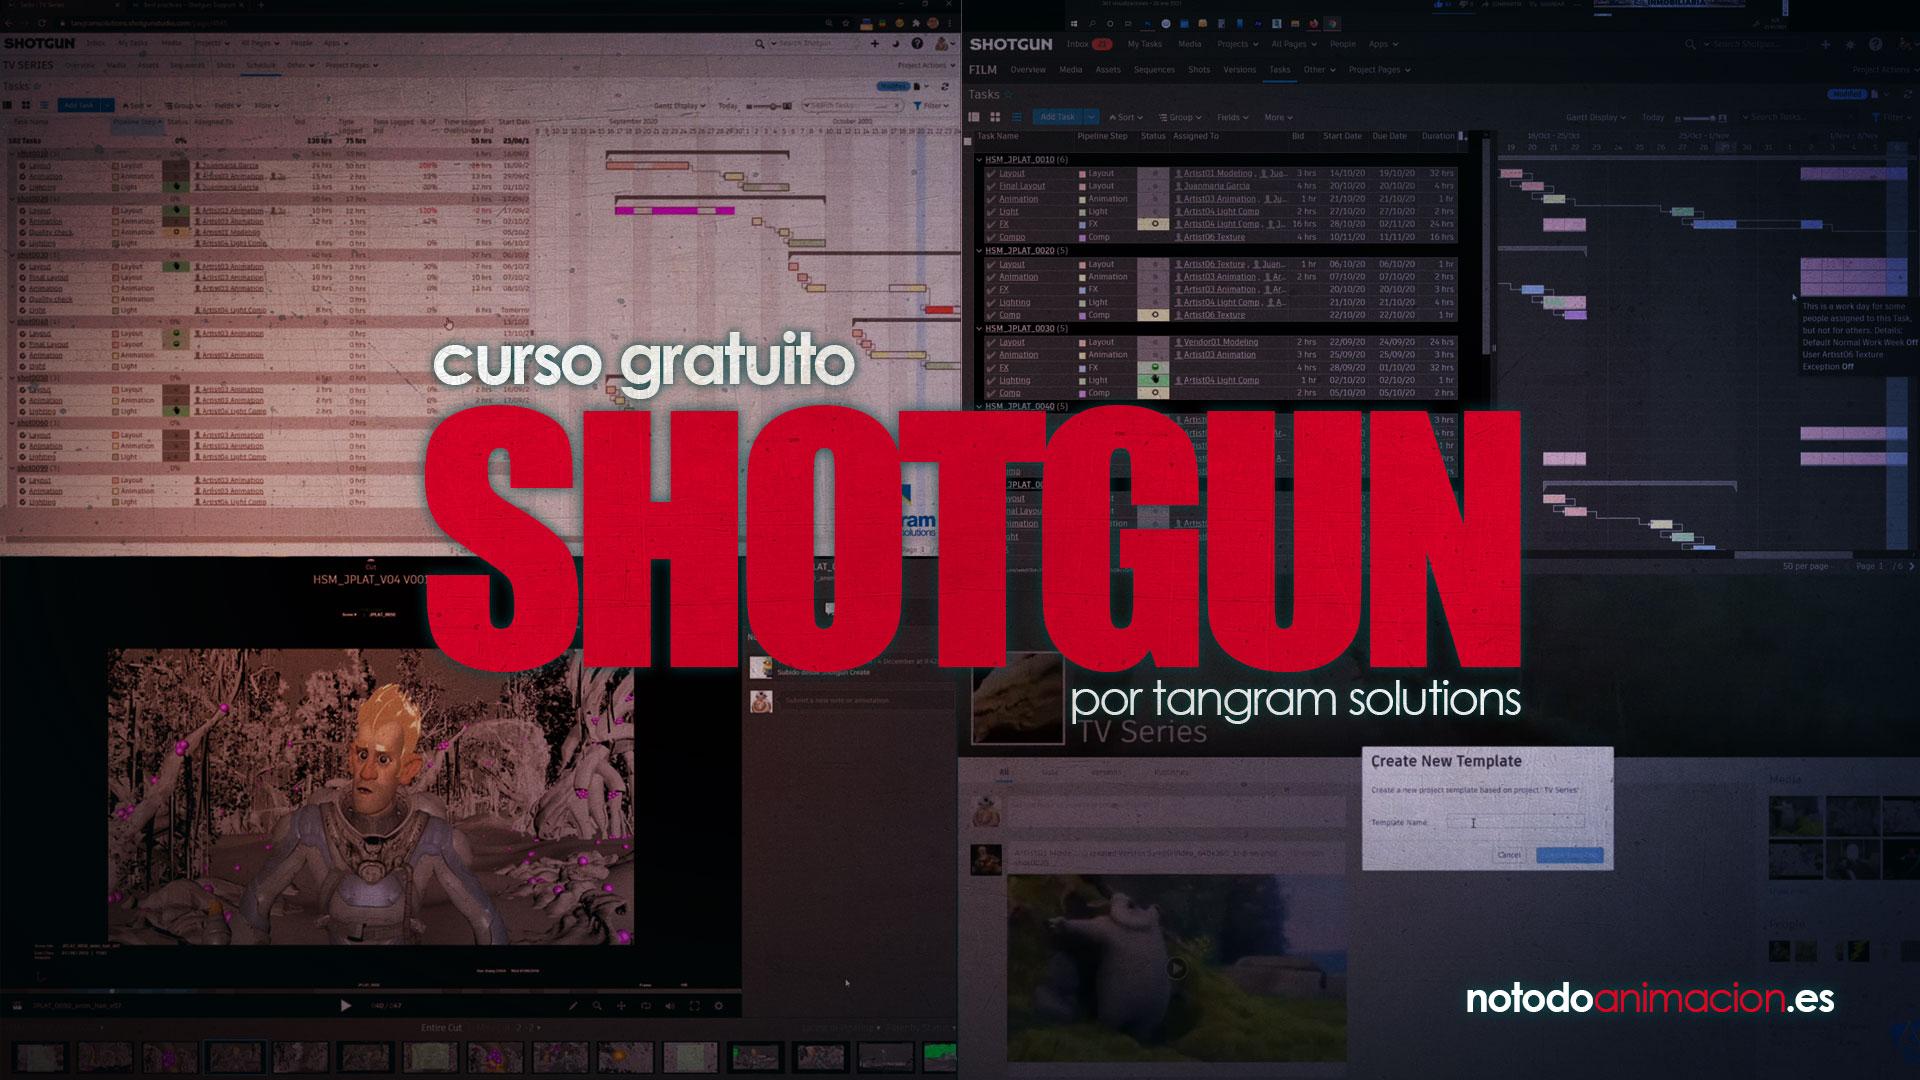 curso software shotgun gratis